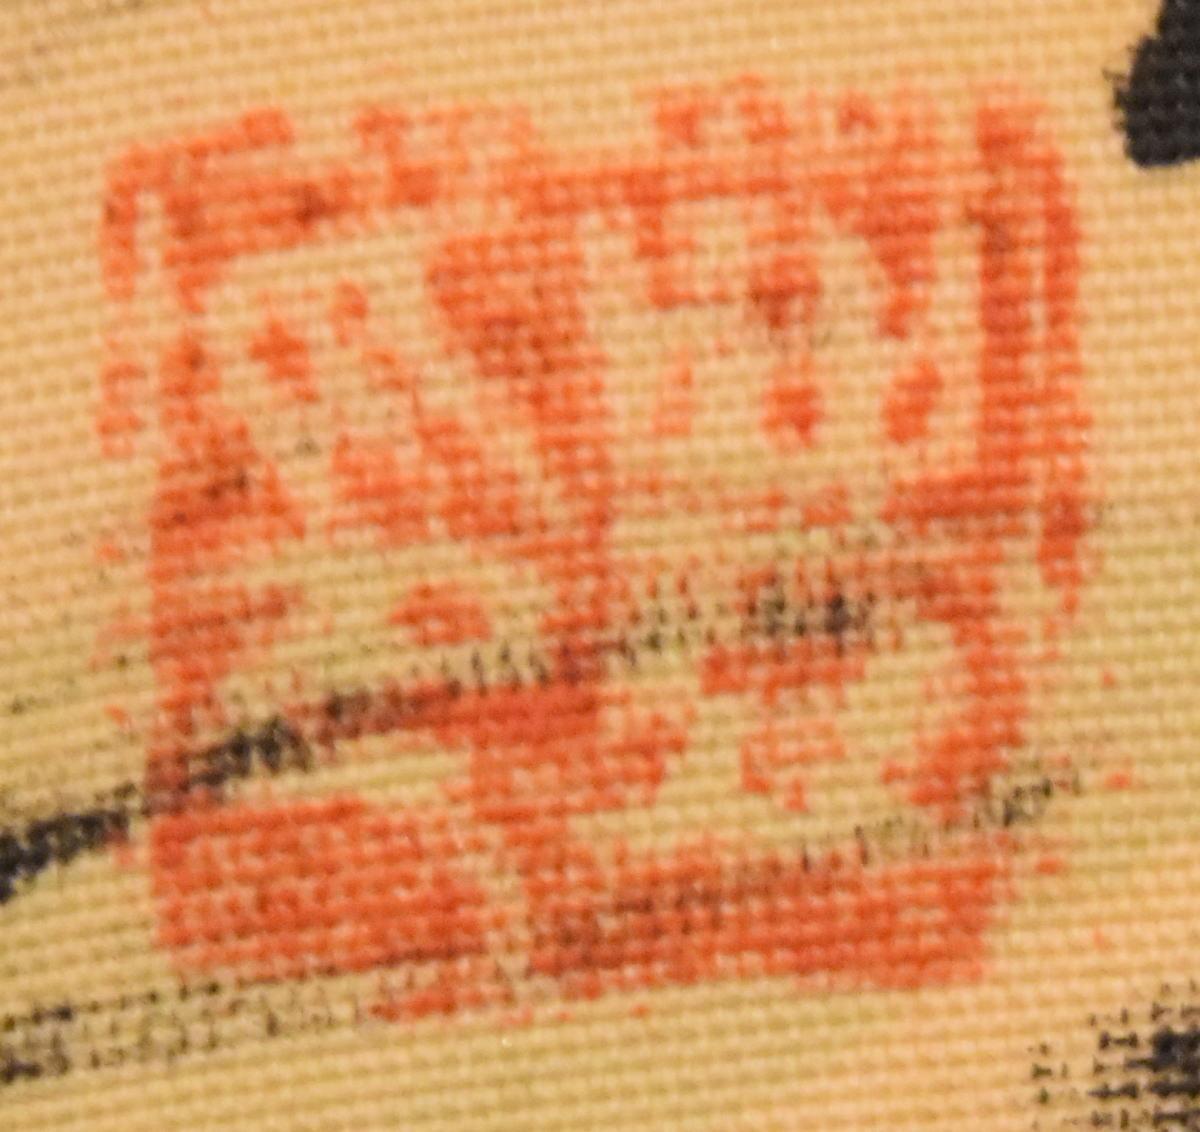 【宣和】李軒山人 花 手巻き画絵巻 画軸 絹本 肉筆 立軸 年代保証 書法 掛け軸 古美術 茶掛 中国書画 唐物 唐本古玩 WWKK106_画像5